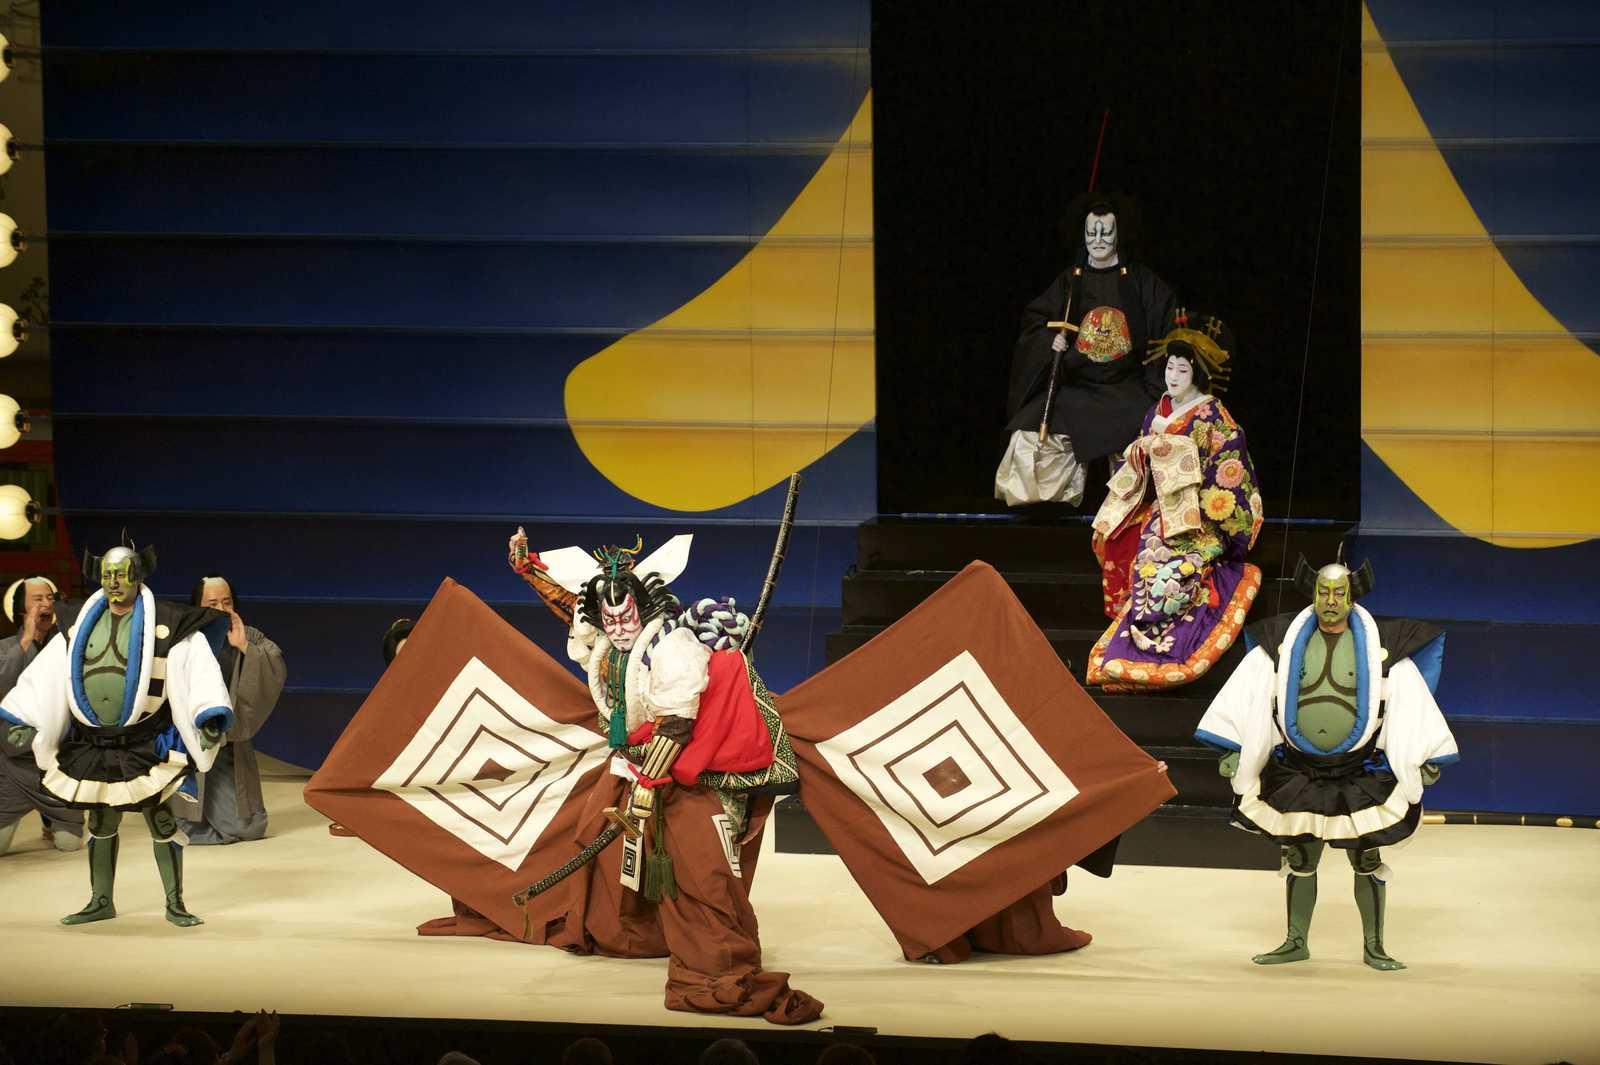 六本木歌舞伎観てきました!_a0221584_1555323.jpg